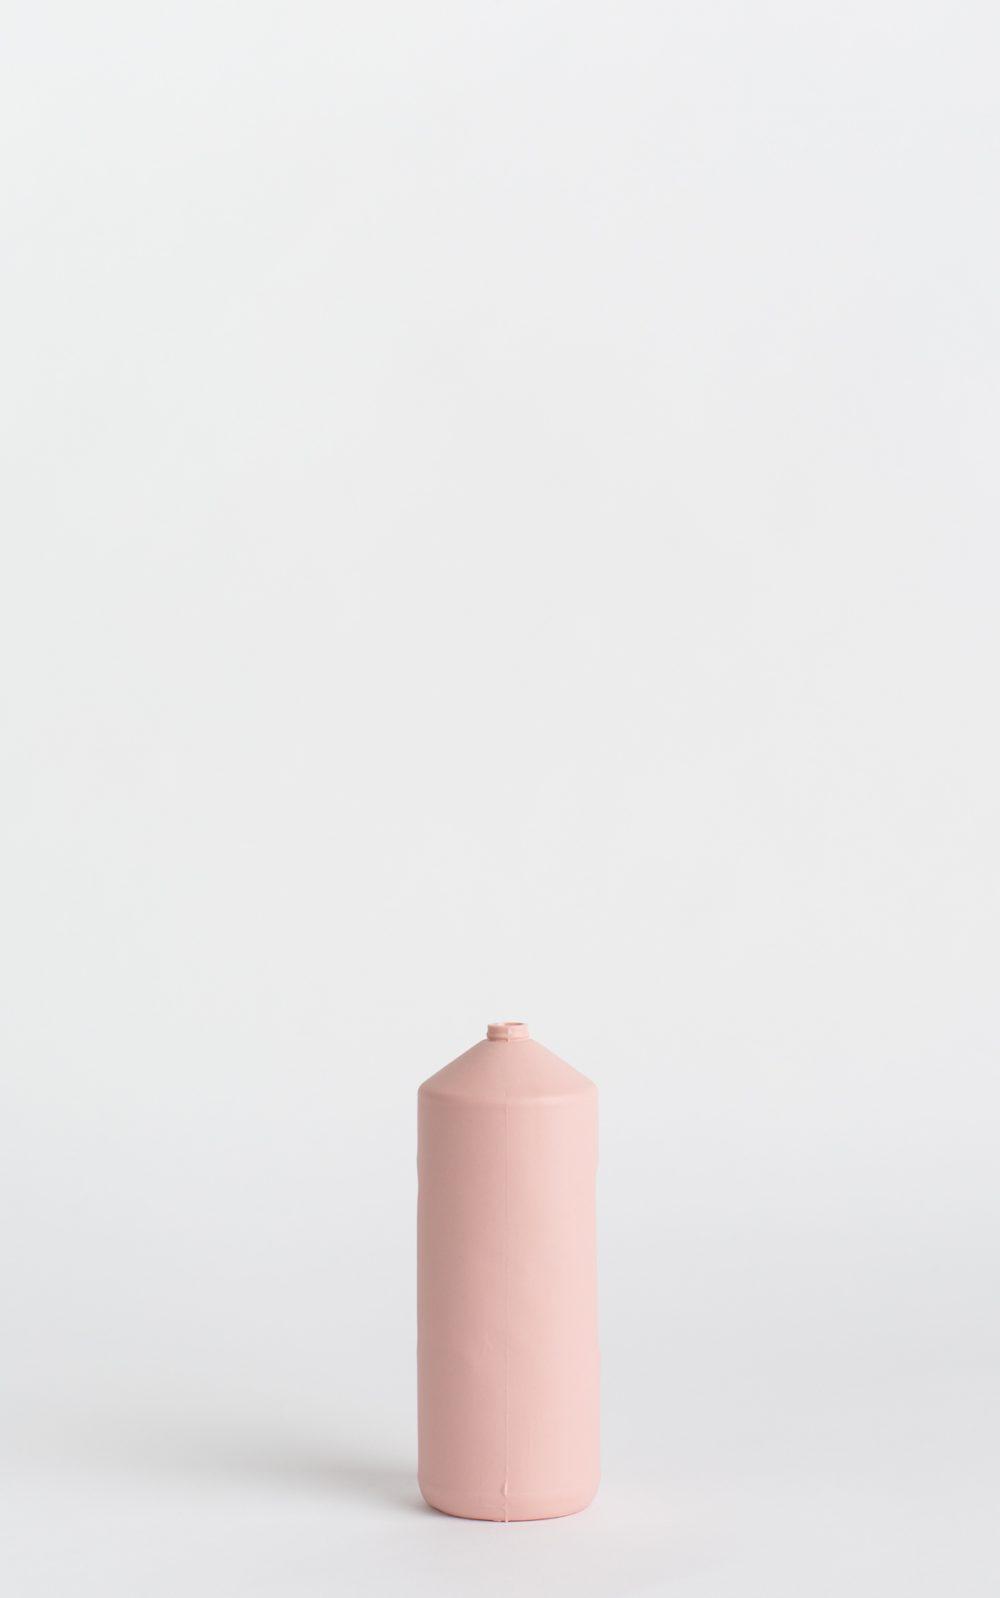 bottle vase #2 rose pink